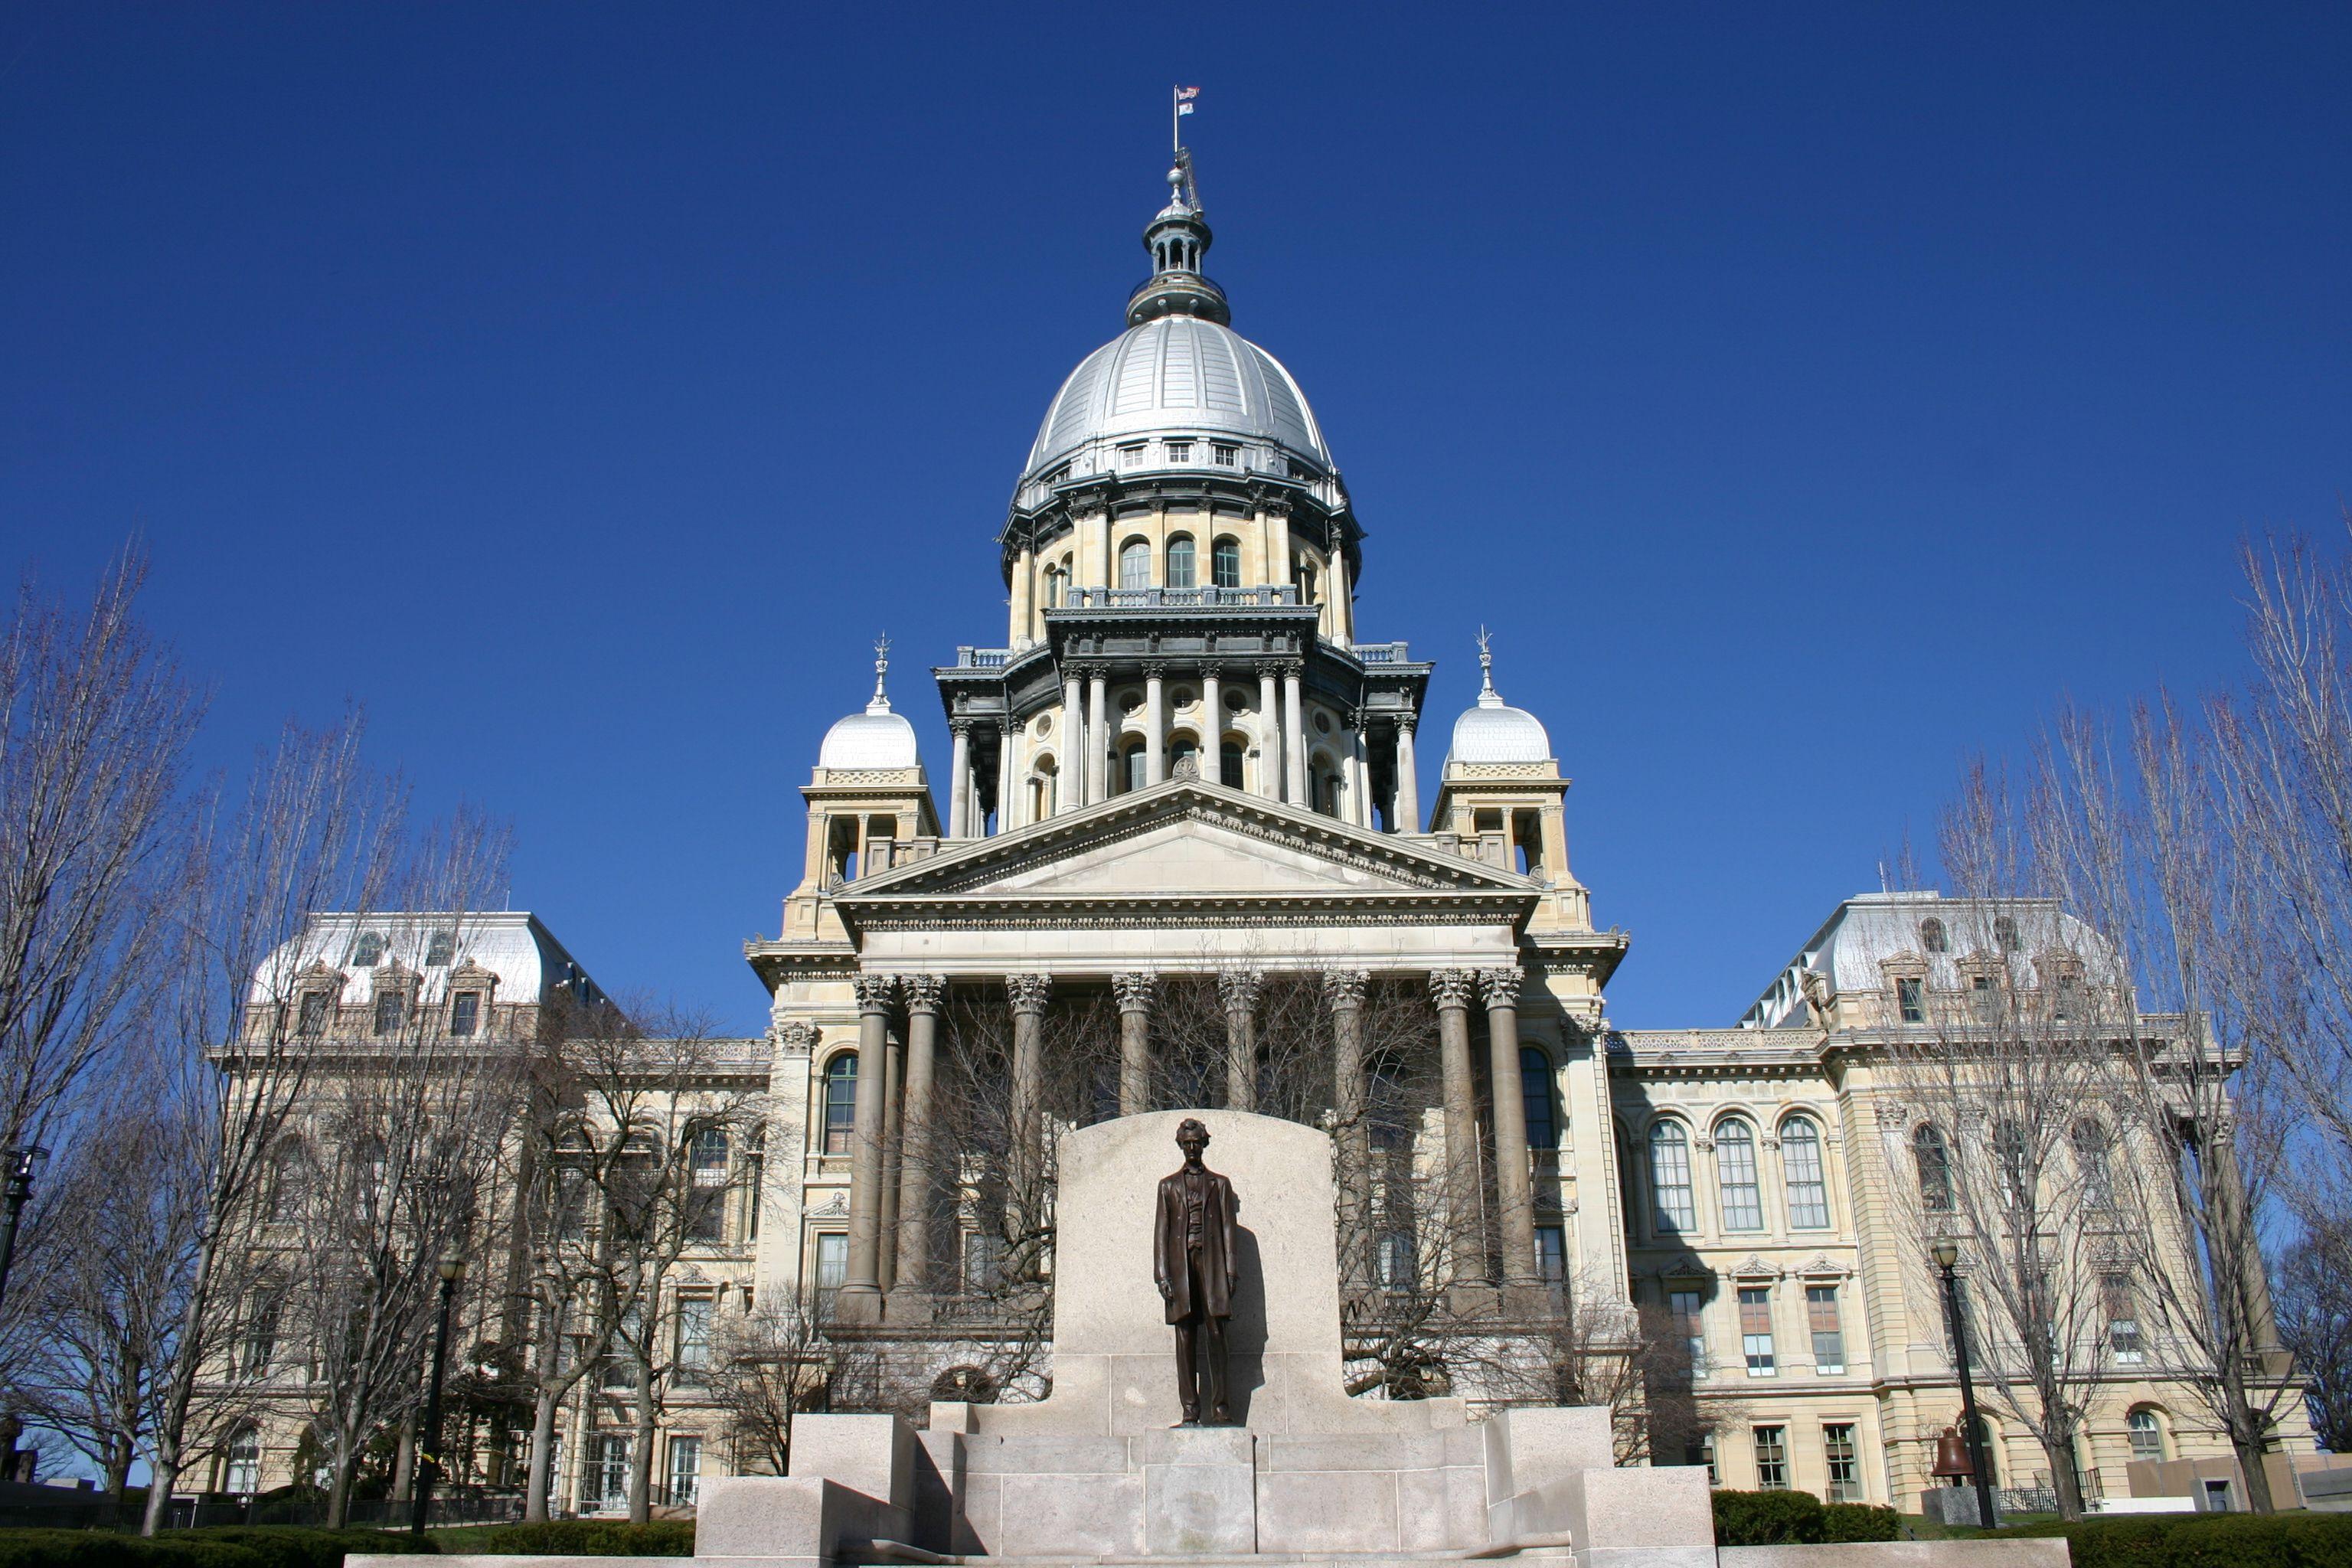 Edificio del Capitolio del Estado de Illinois en Springfield